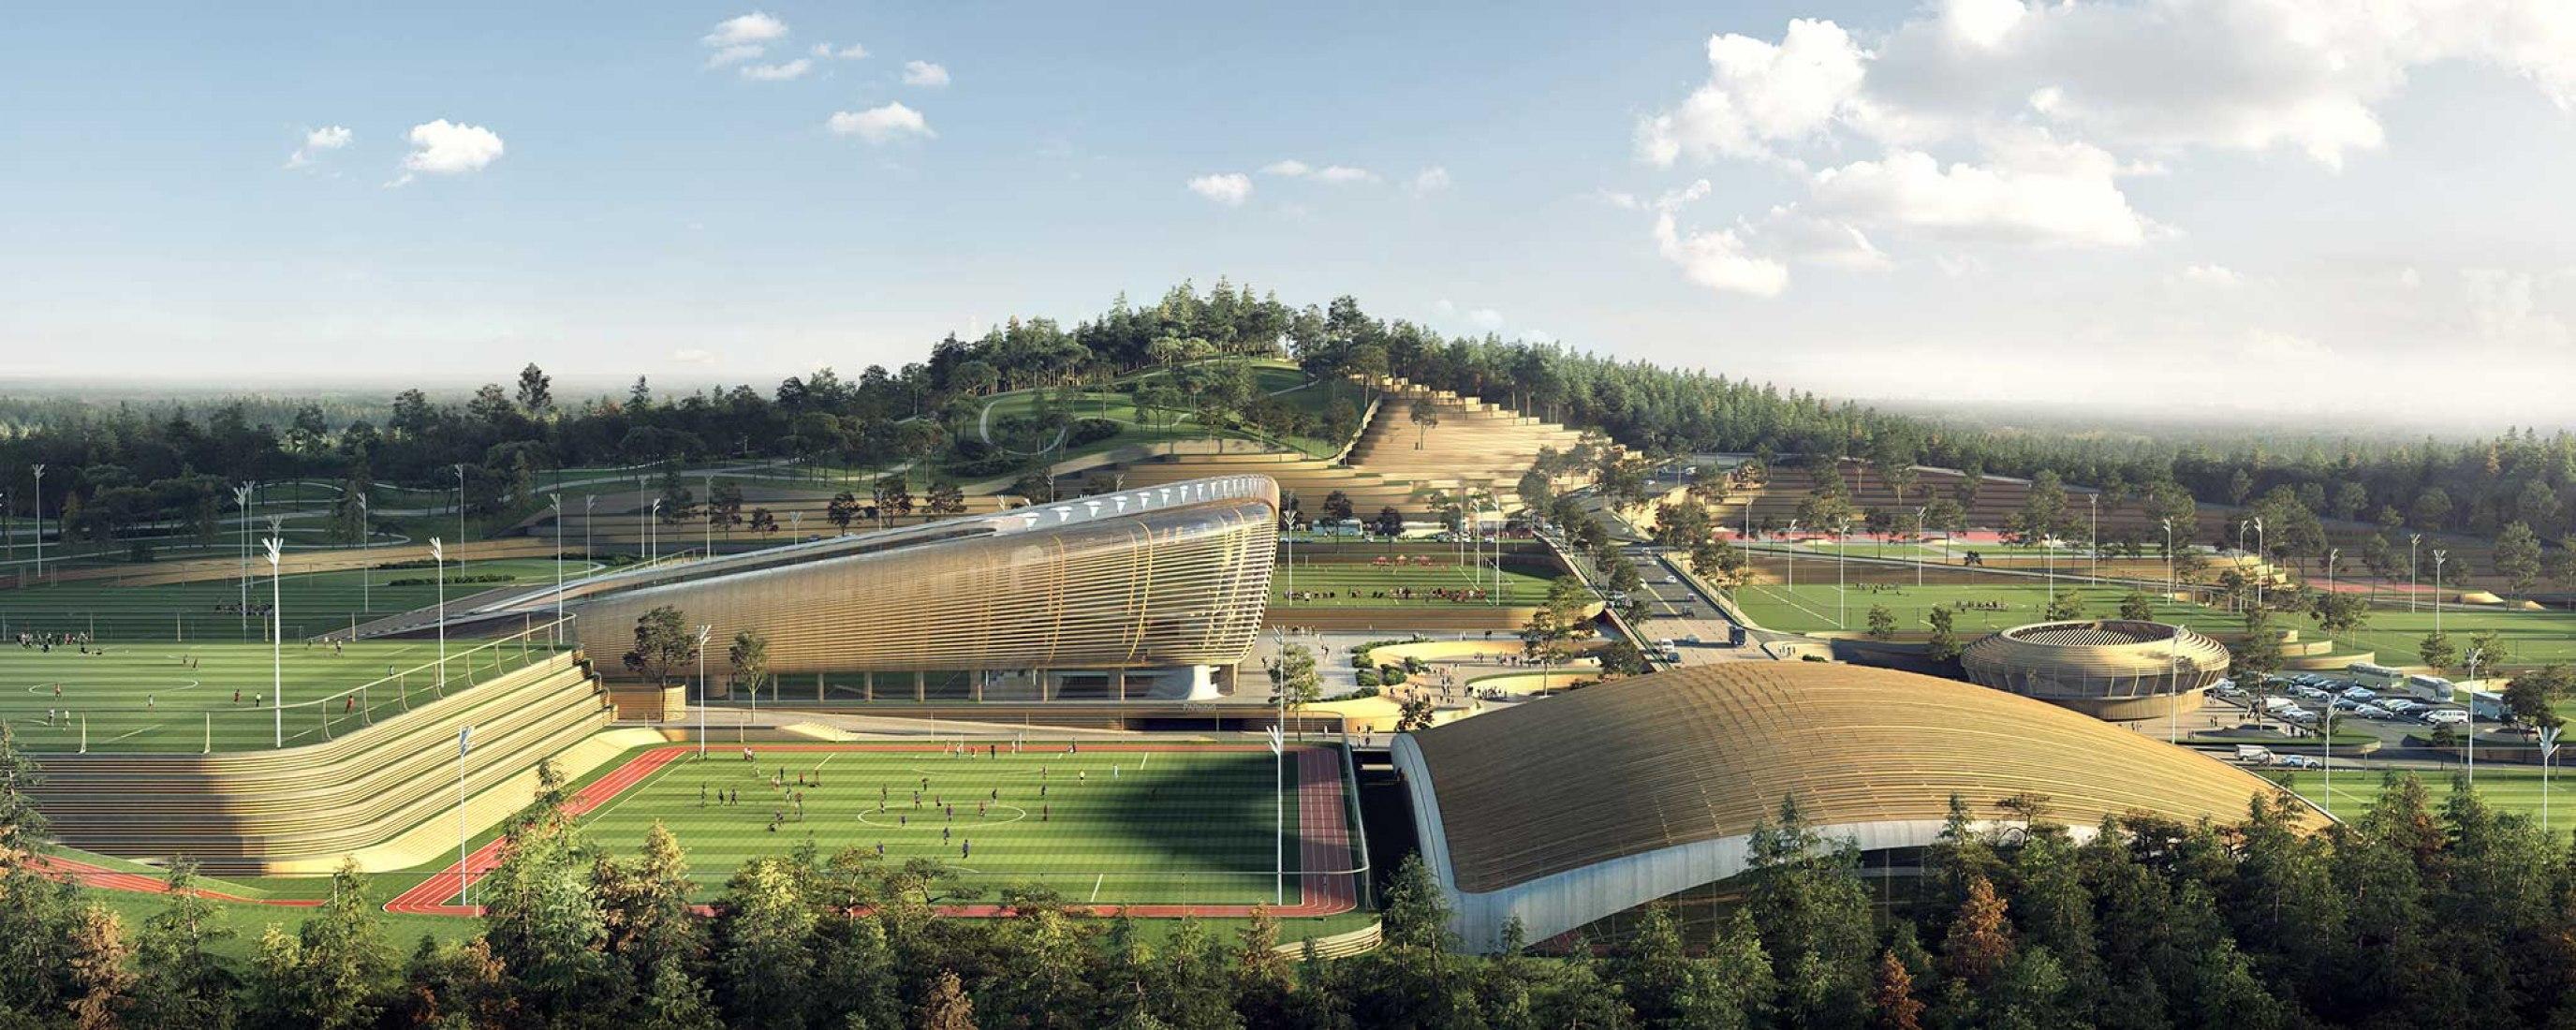 Centro Nacional de Fútbol Coreano por UNStudio. Visualización por Brick Visual